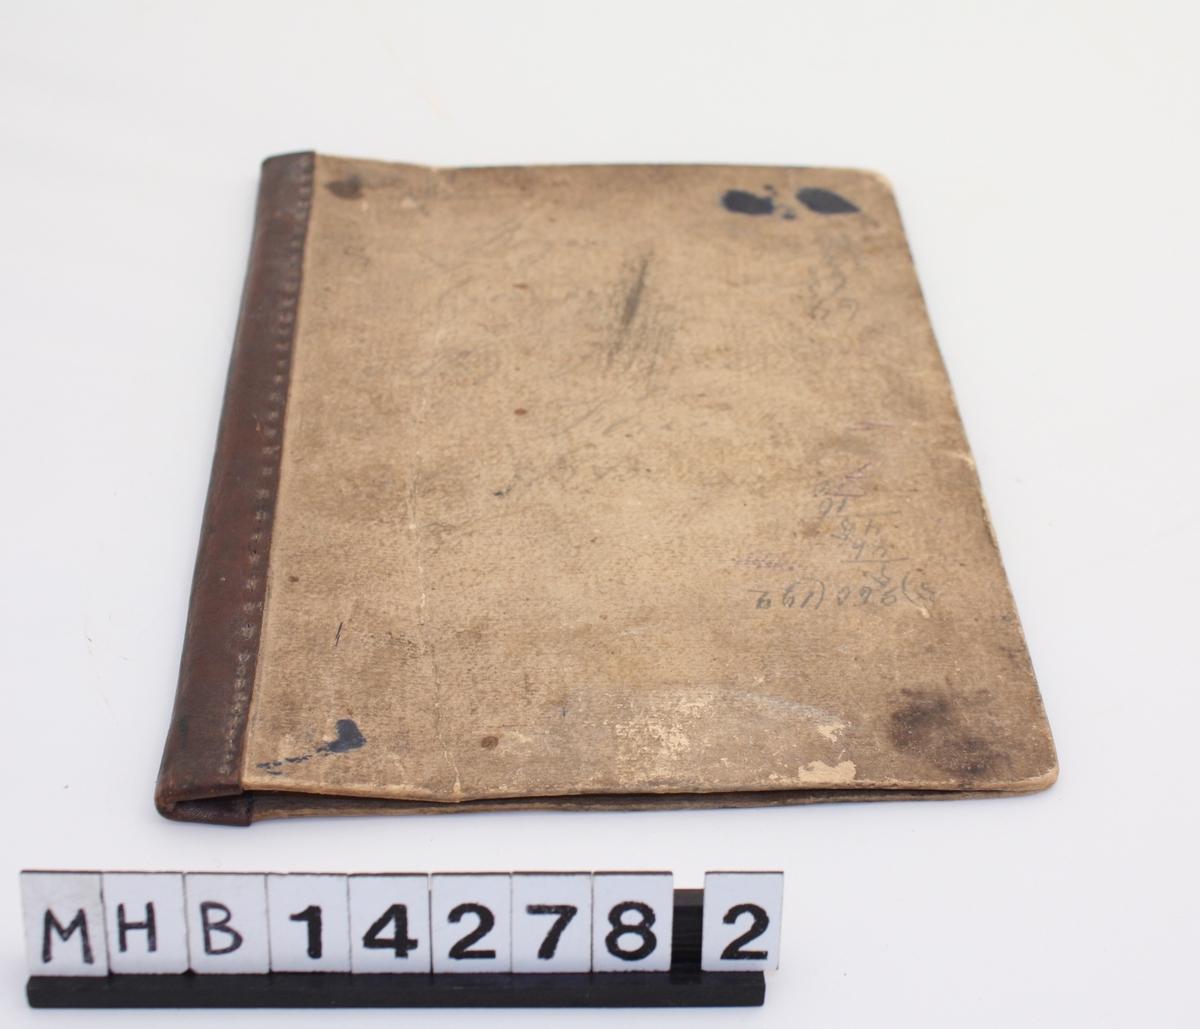 Etui som ligner et bokomslag. Det består av to rektangulære papplater som er forbundet med hverandre i en langside med en påsydd lærremse. Det er diverse påskrifter og utregninger på papplatene, som er vanskelige å tyde.